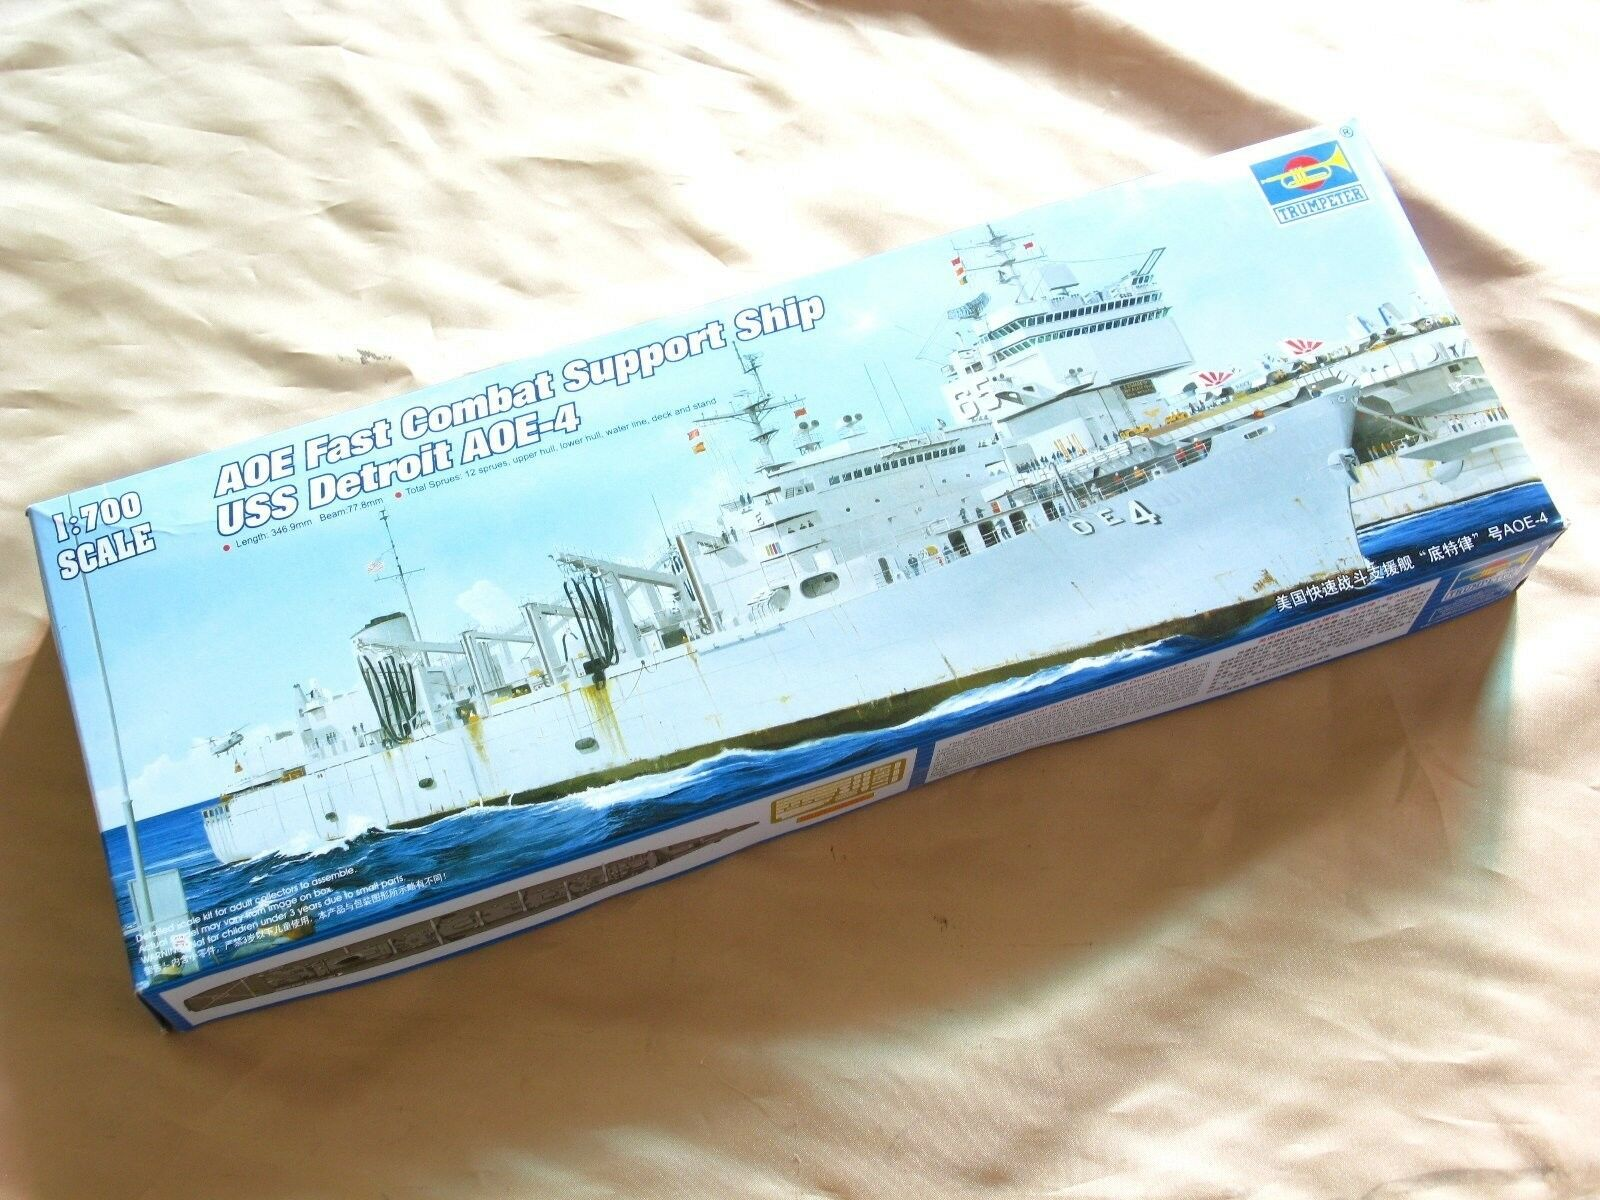 Trumpeter 05786 1 700 USS AOE FCSS AOE-4 Detroit